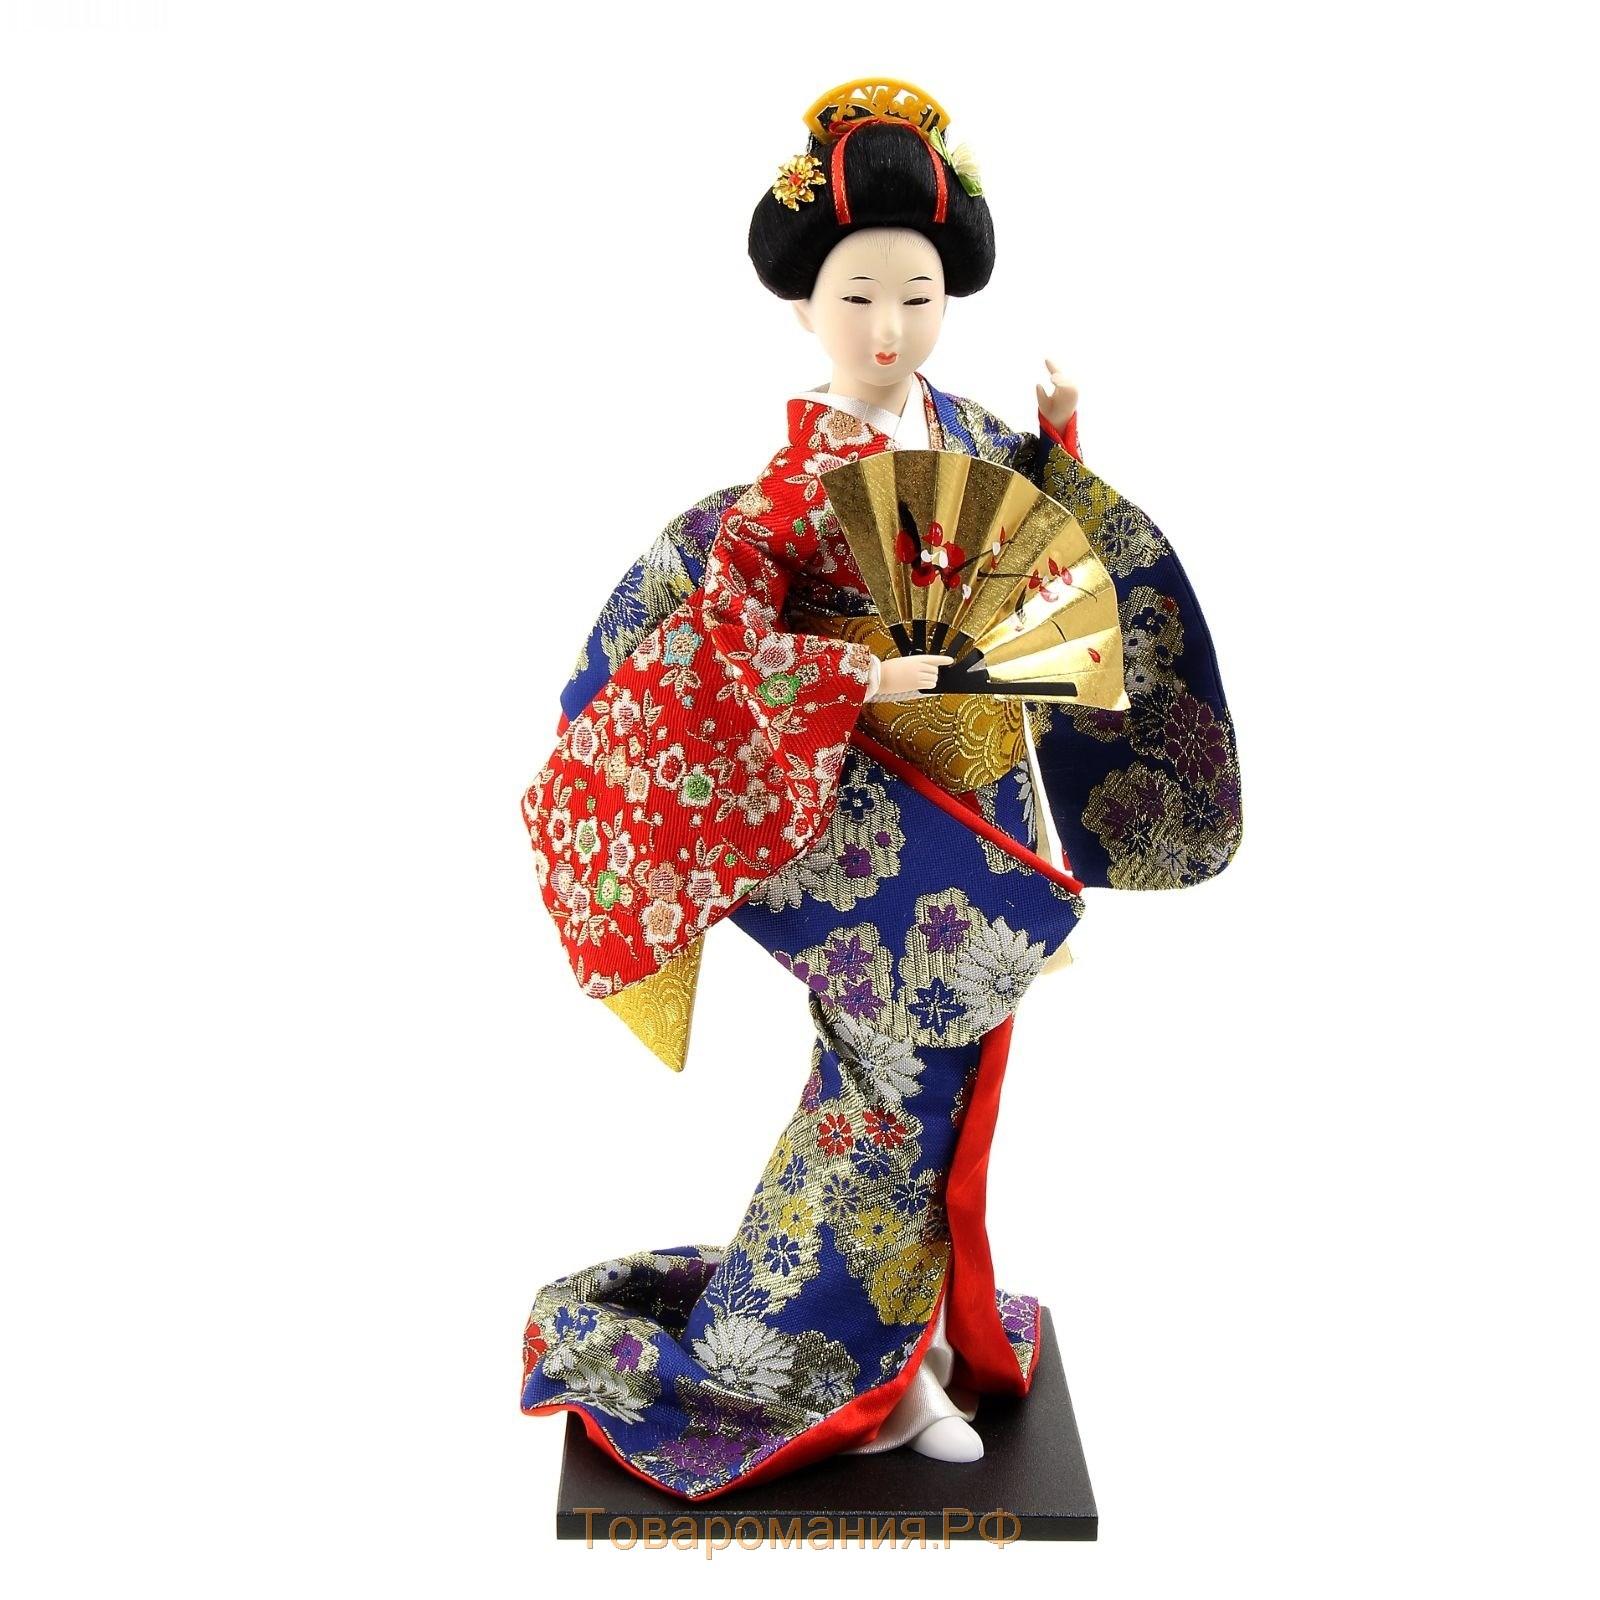 Japanese woman geisha girl figurine for sale painting by joanna szmerdt